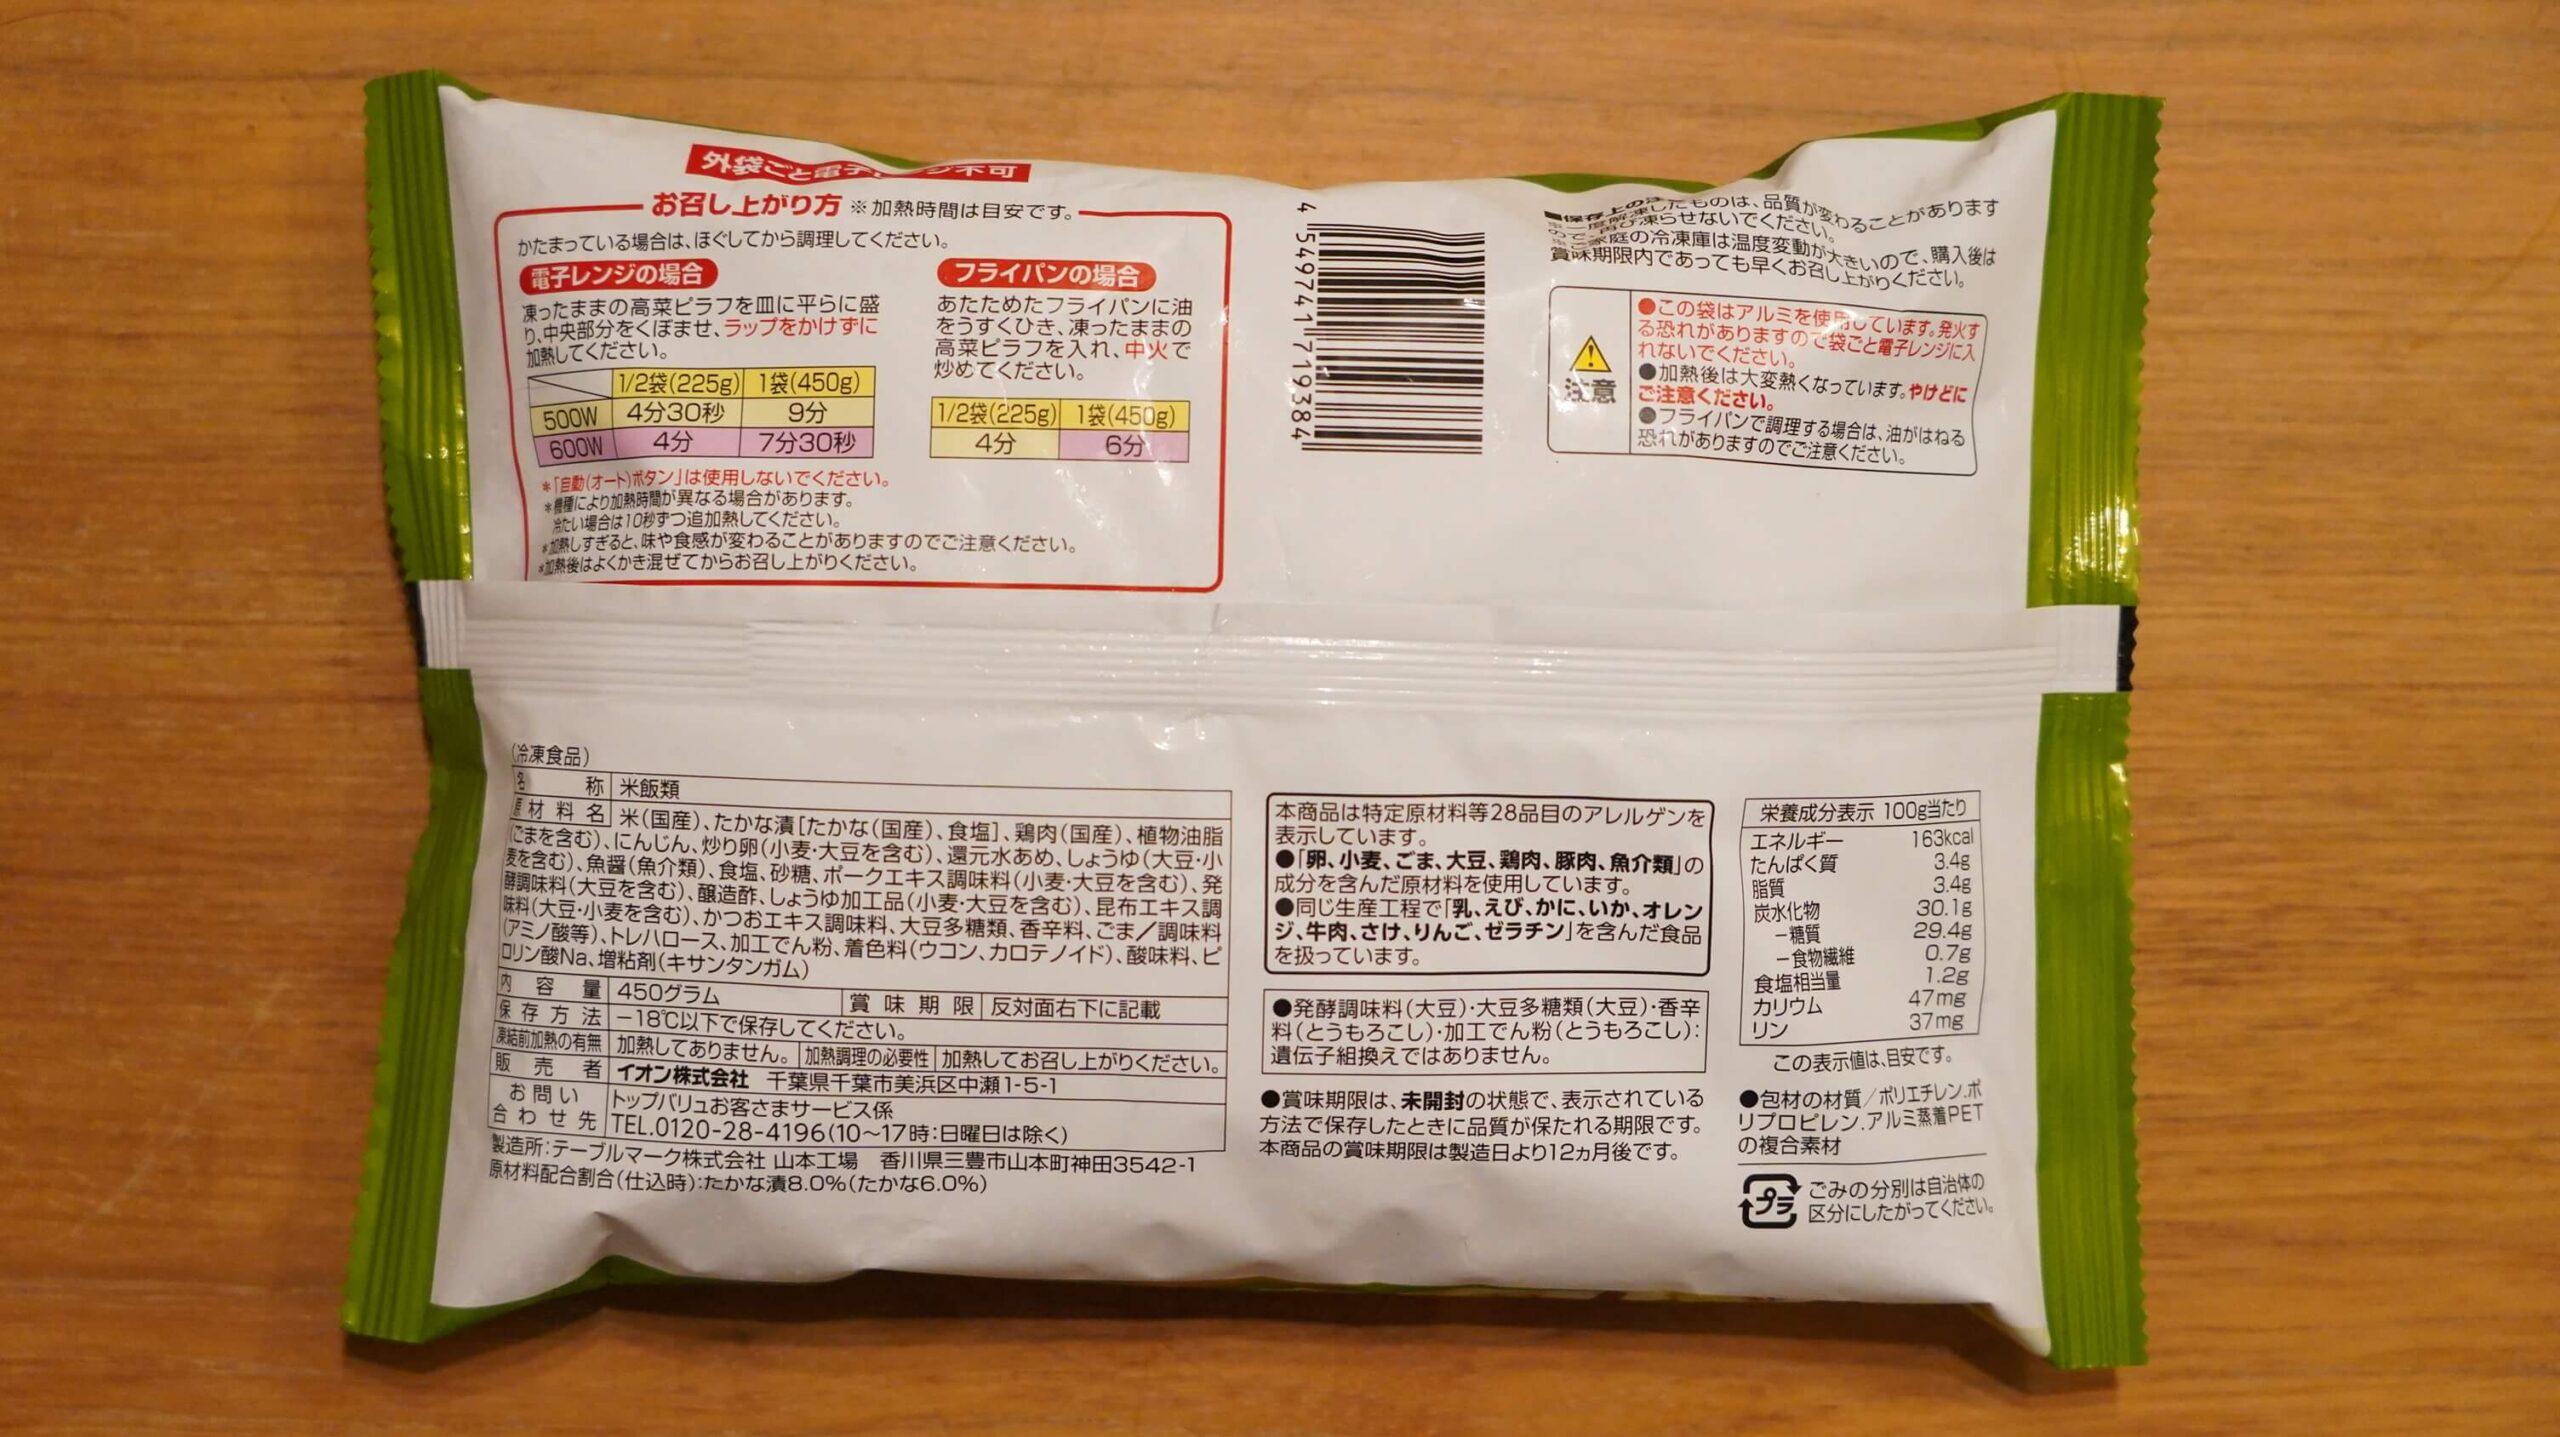 イオン(トップバリュ)の冷凍食品「高菜ピラフ」のパッケージ裏面の写真